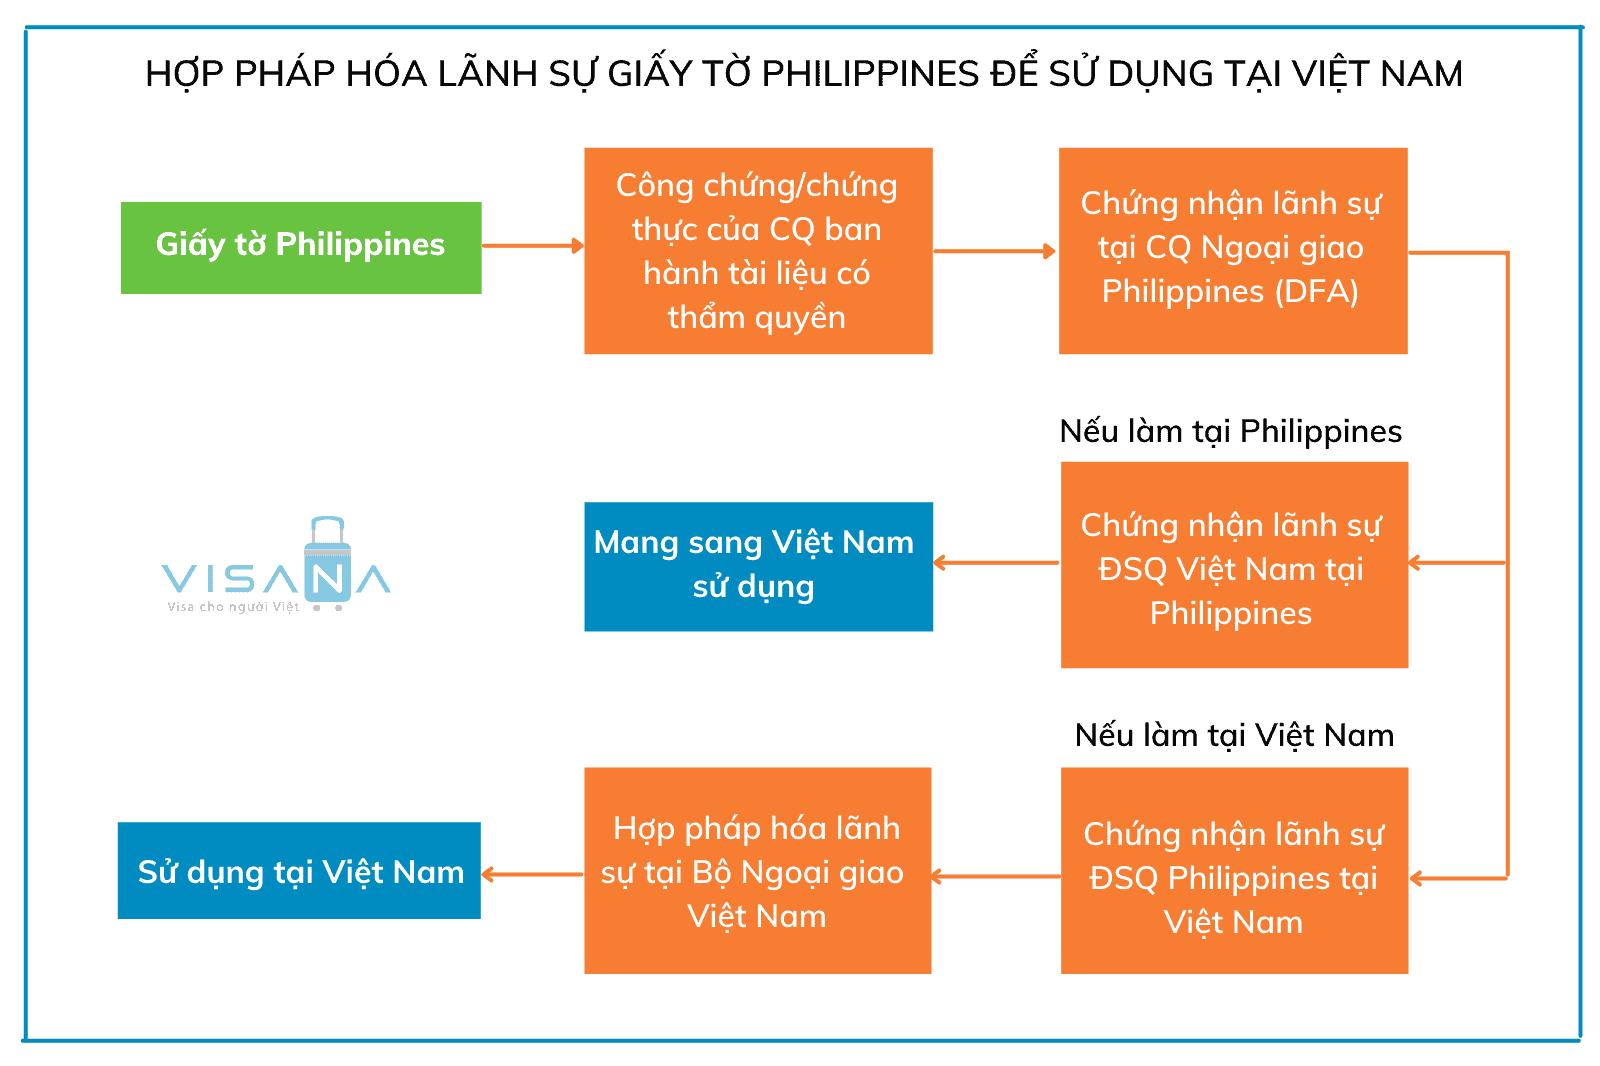 Thủ tục hợp pháp hóa lãnh sự giấy tờ Philippines sử dụng tại Việt Nam